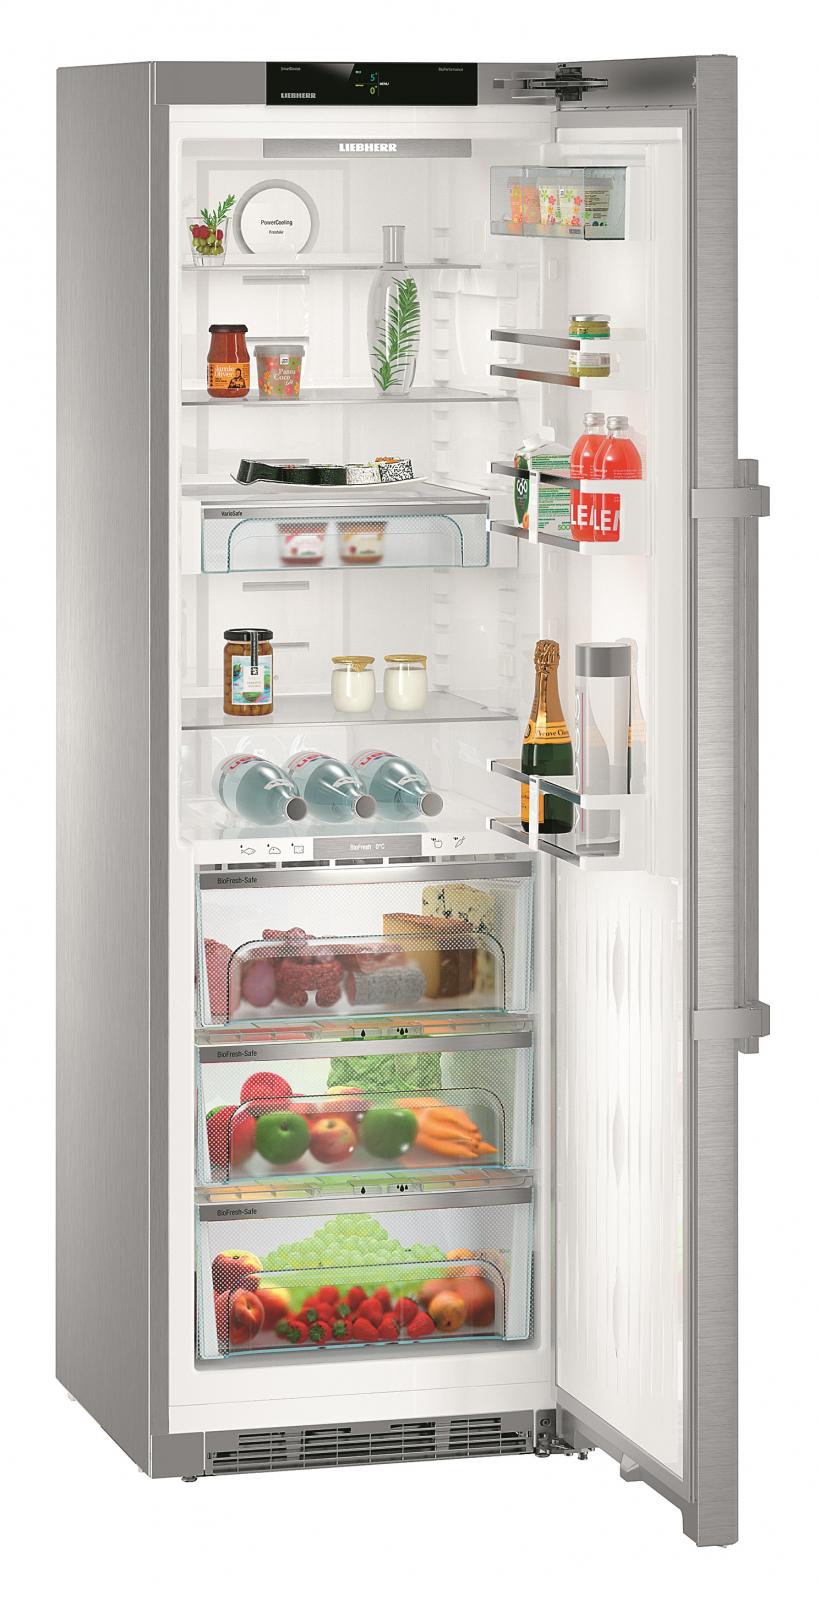 купить Однокамерный холодильник Liebherr KBes 4350 Украина фото 0